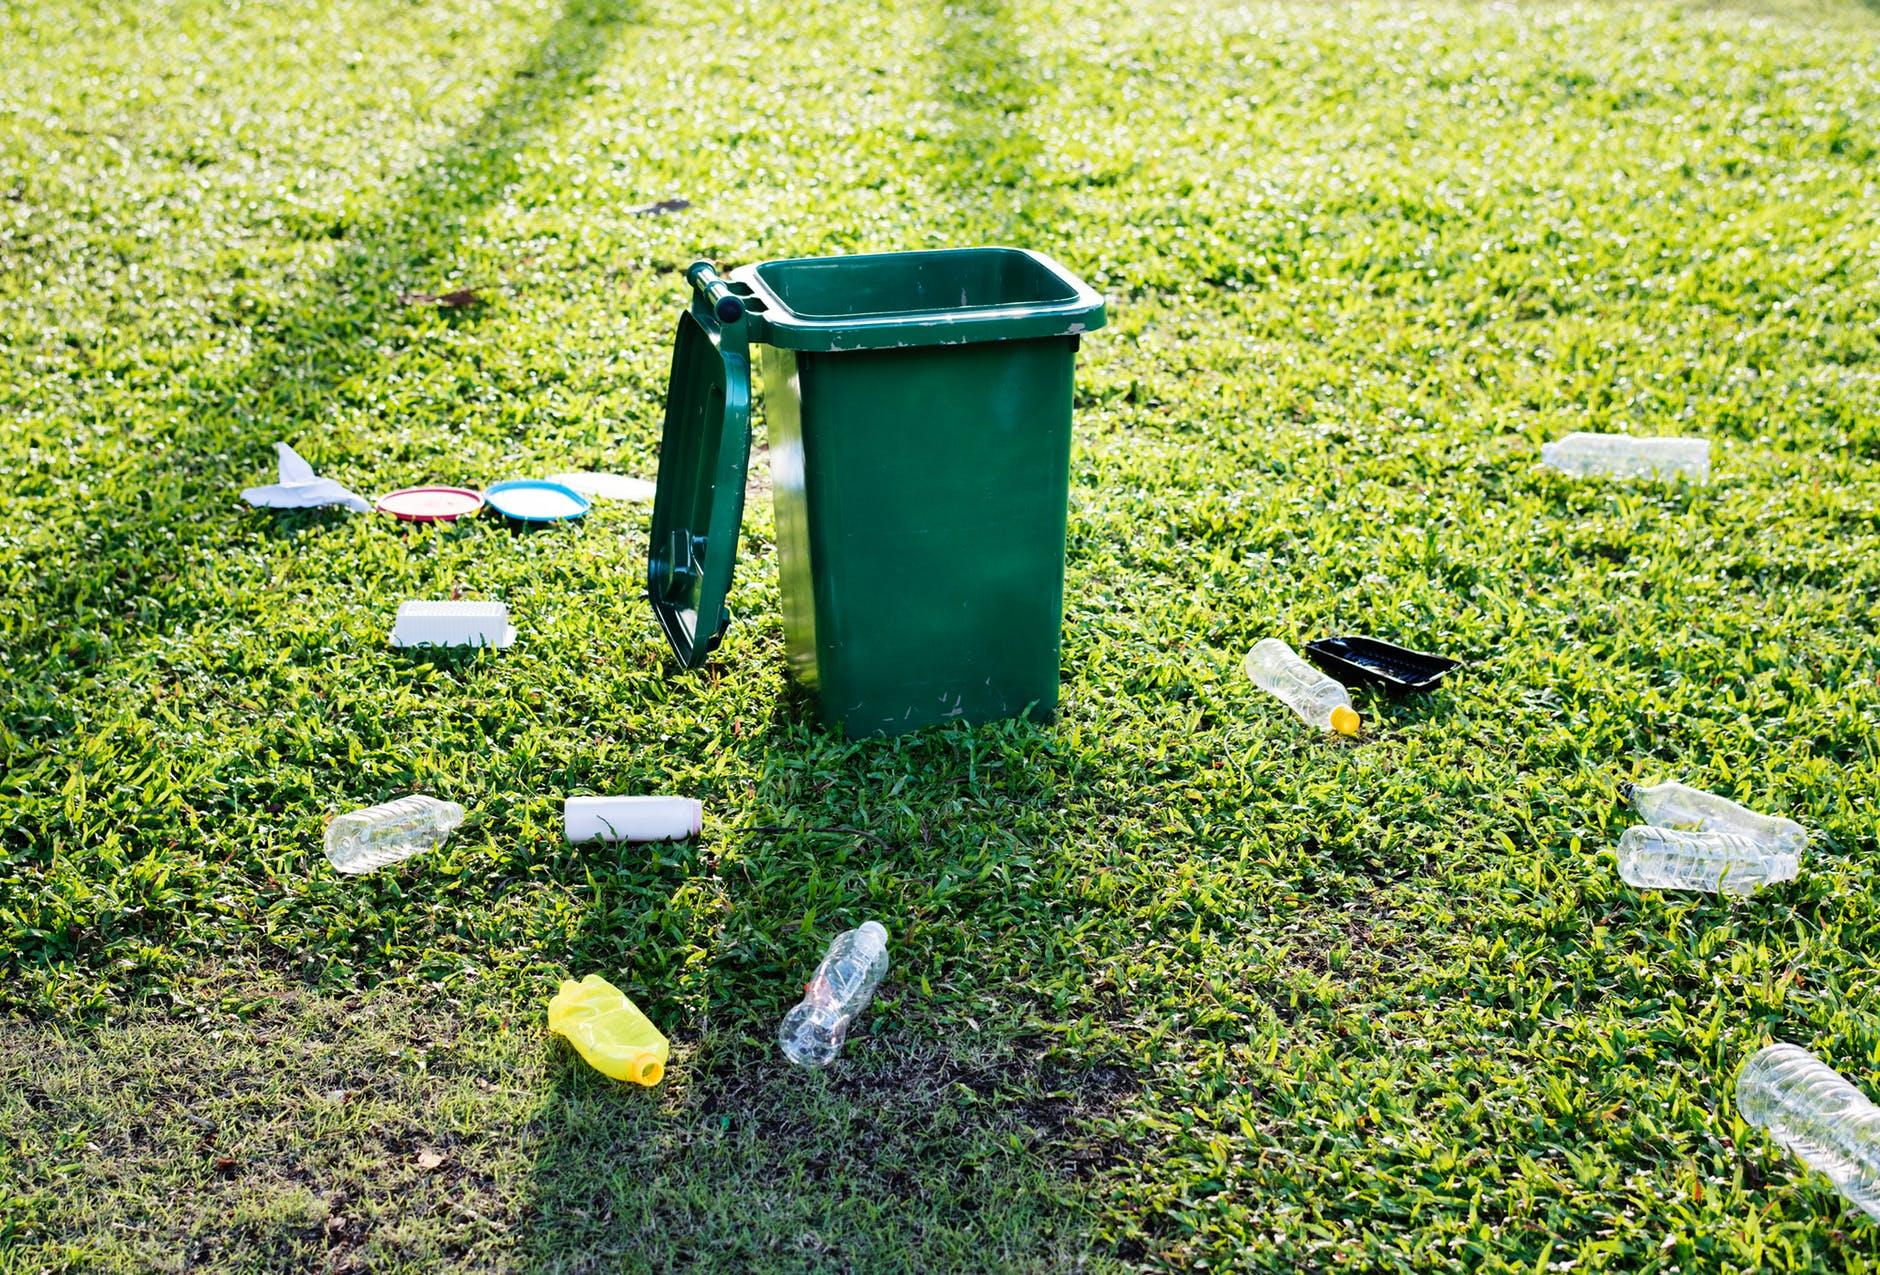 還在困擾不知垃圾如何分類嗎?人工智慧資源回收機器人終於出現啦!